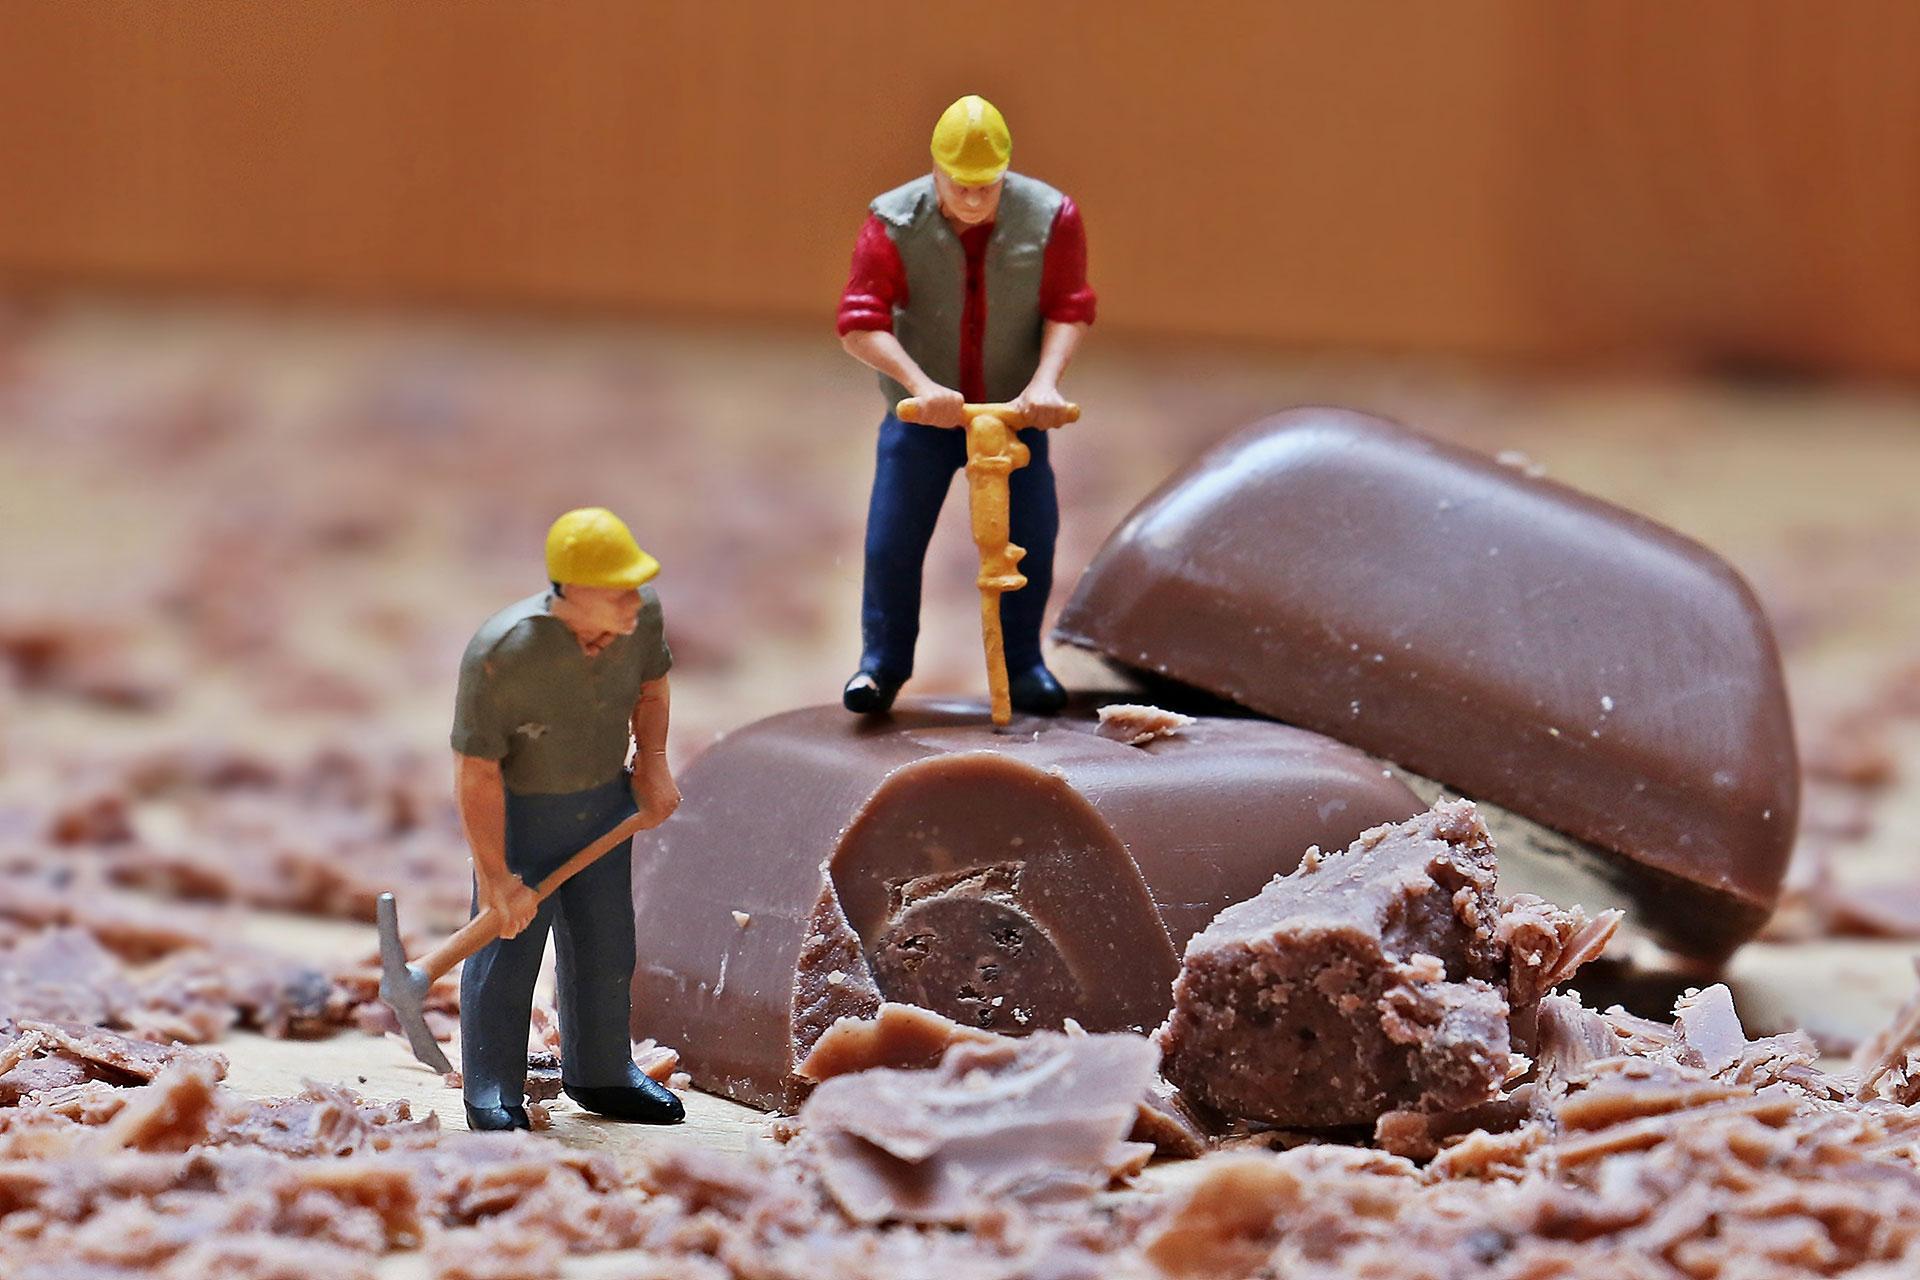 zu den Fotoprojekten auf www.medienkompetenzportal-nrw.de